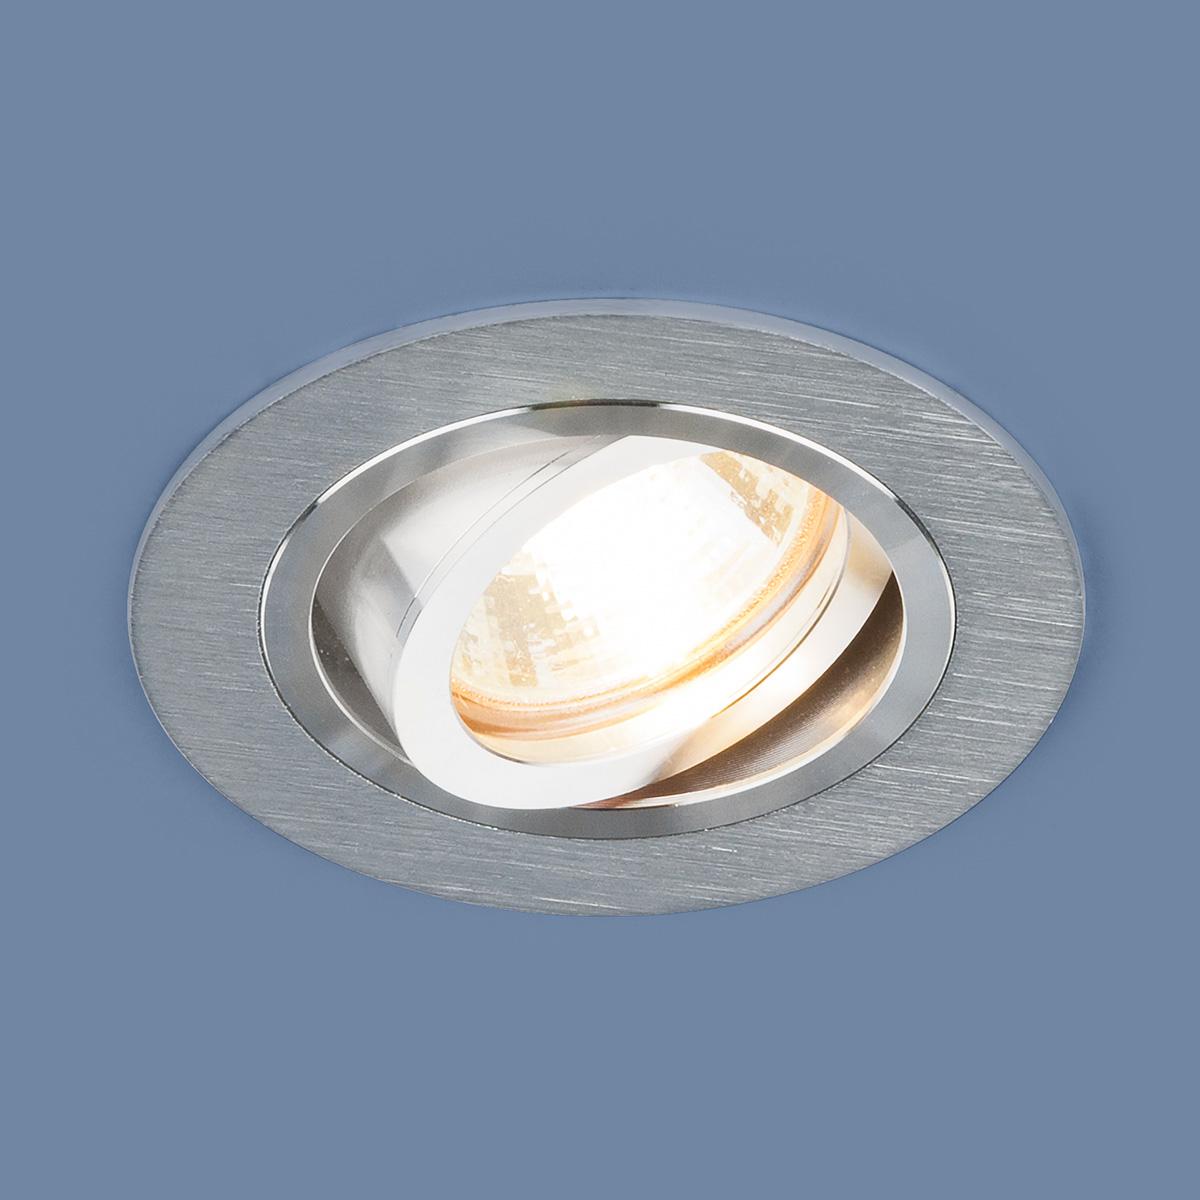 Встраиваемый светильник Elektrostandard, G5.3, 50 Вт встраиваемый светильник elektrostandard 1061 1 mr16 sl серебро 4690389095498